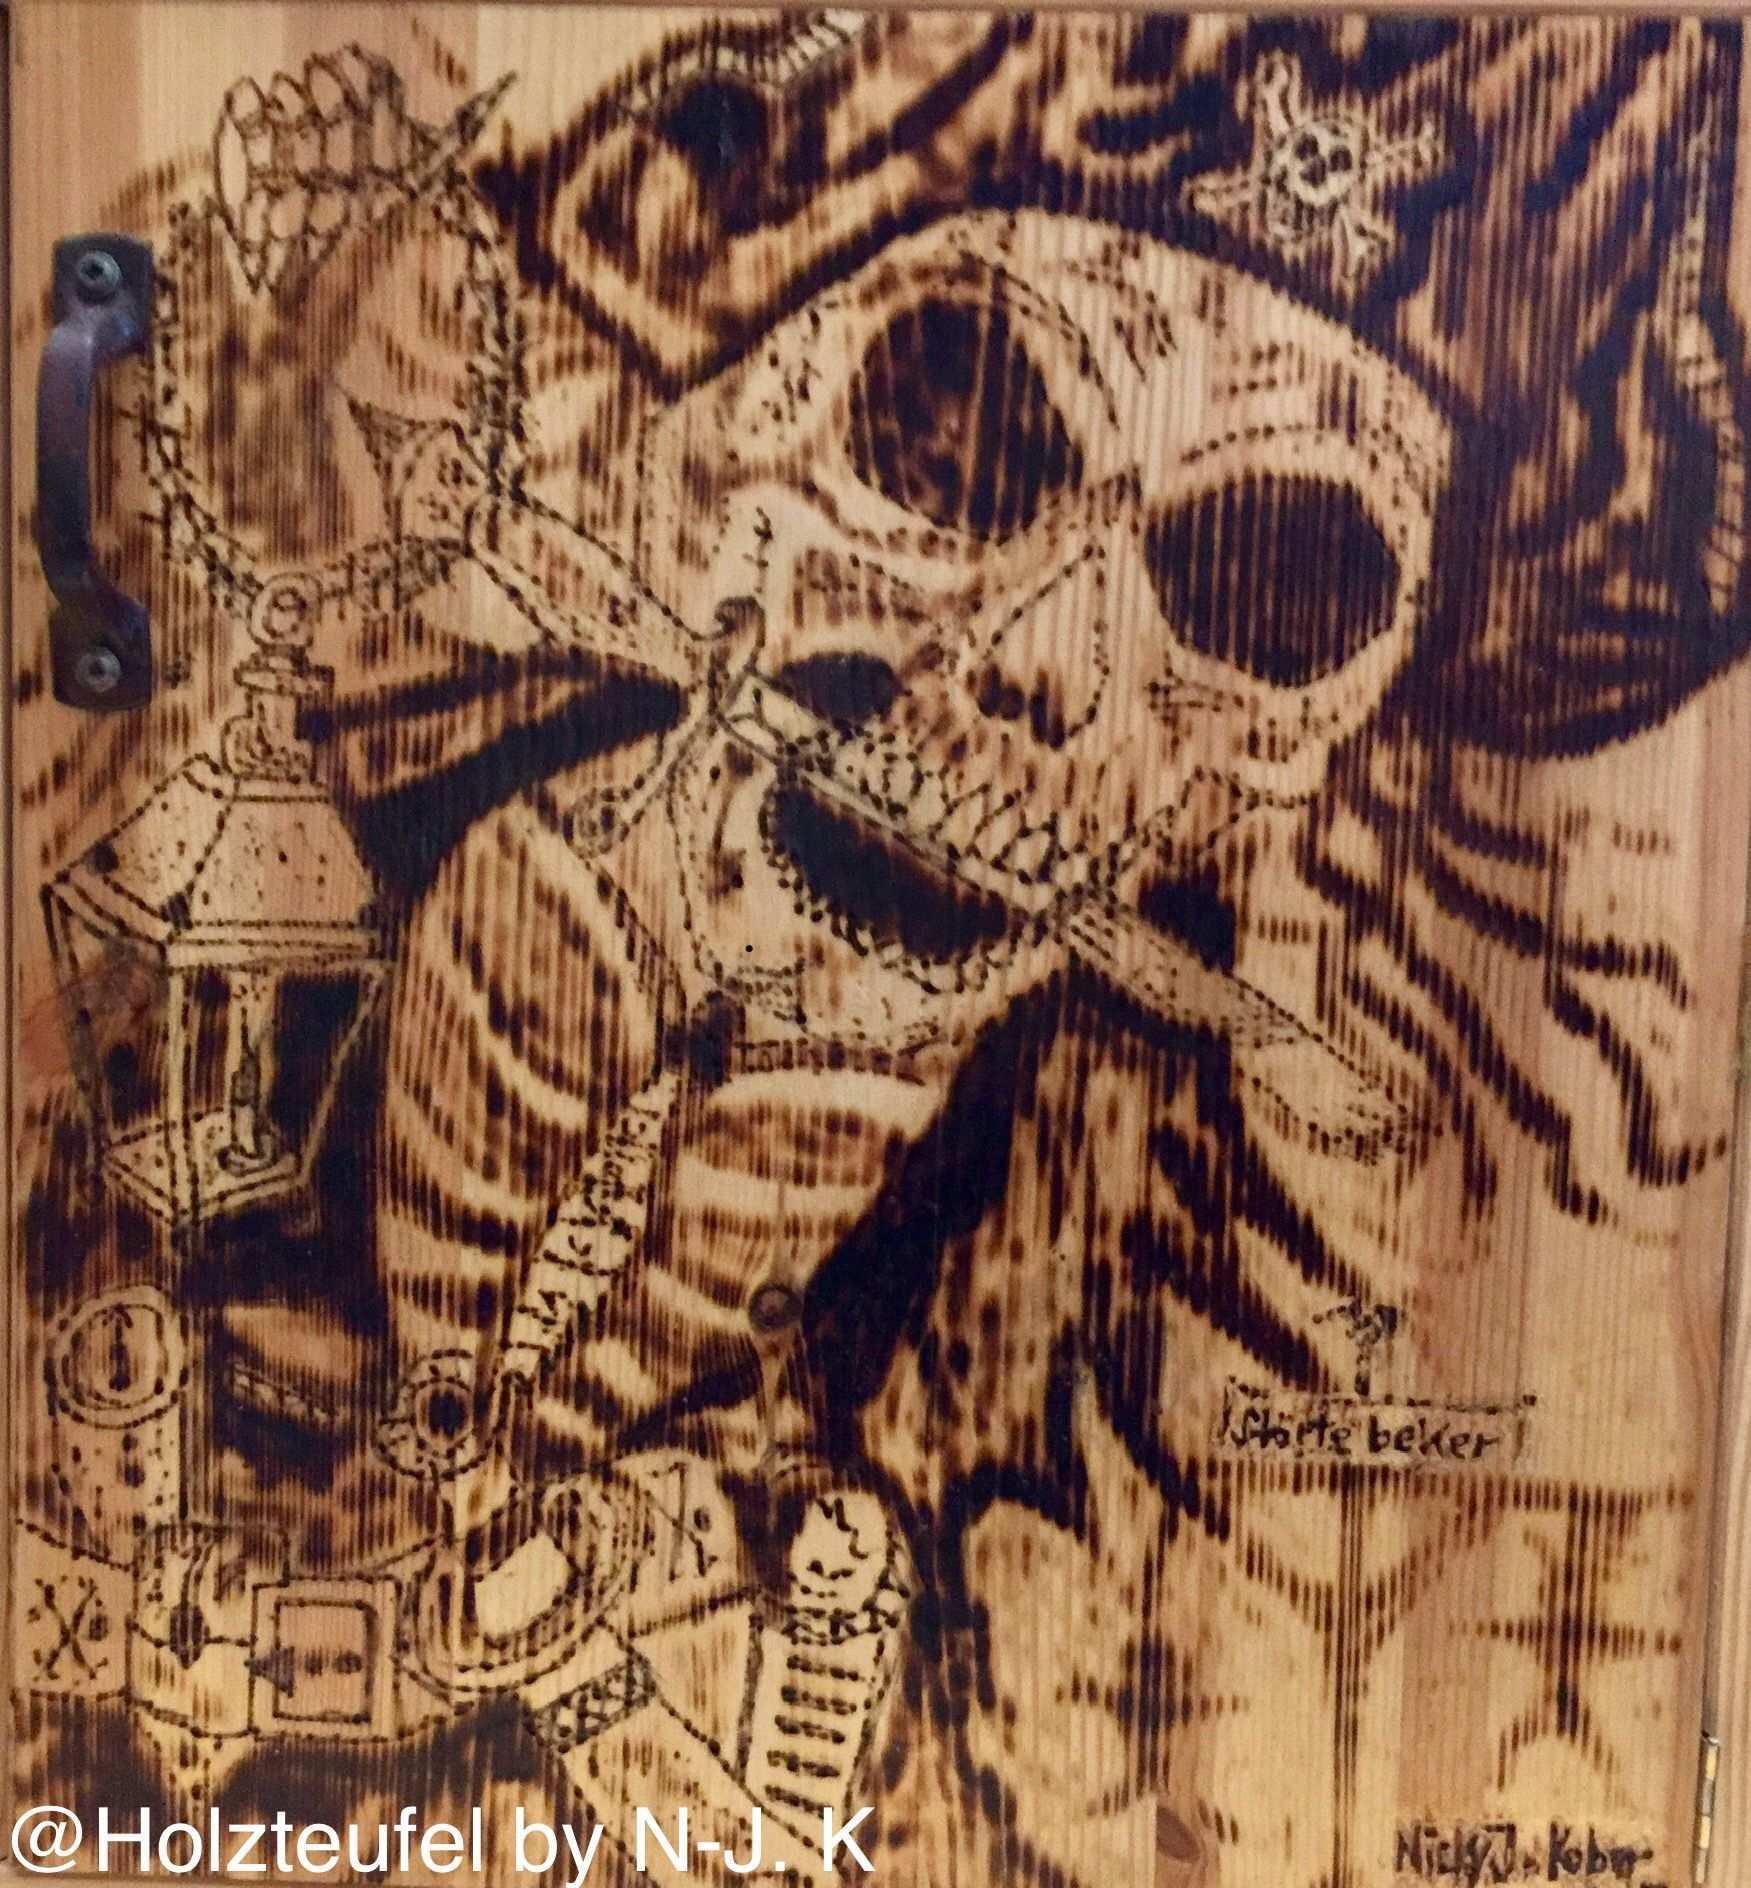 Stortebeker Pirat Bild Picture Holzteufel By N J K Zeichnung Schadel Holz Kunst Brandmalerei 3d Holzschnitzkunst Piraten Bilder Kunst